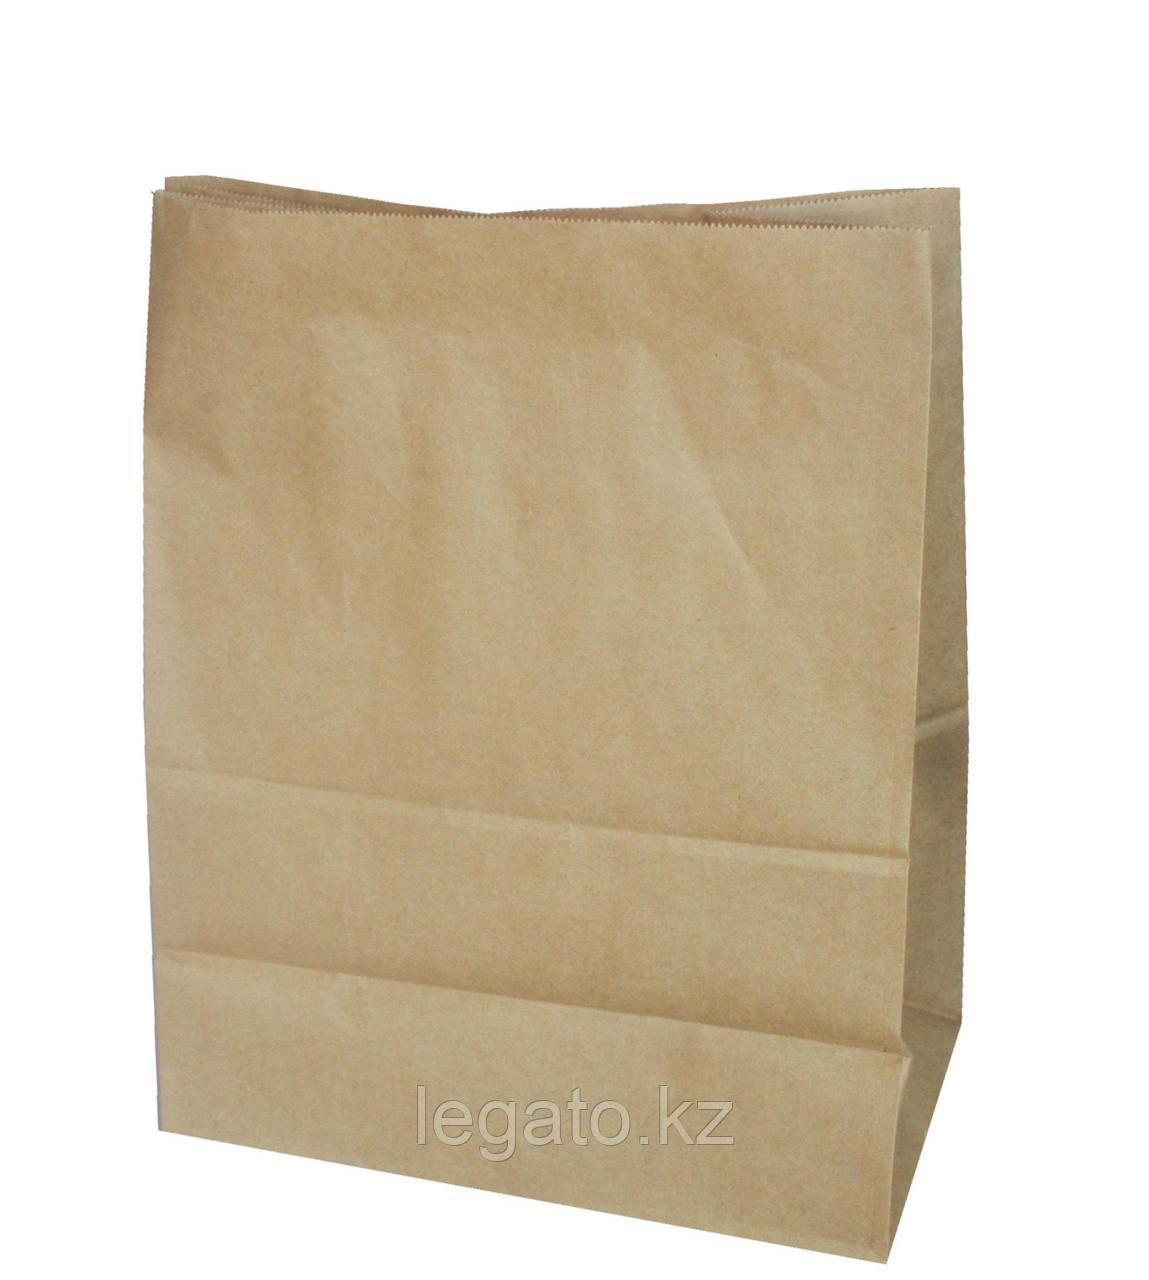 Пакет бумажный 260*200*90мм (100шт/уп) Б/П